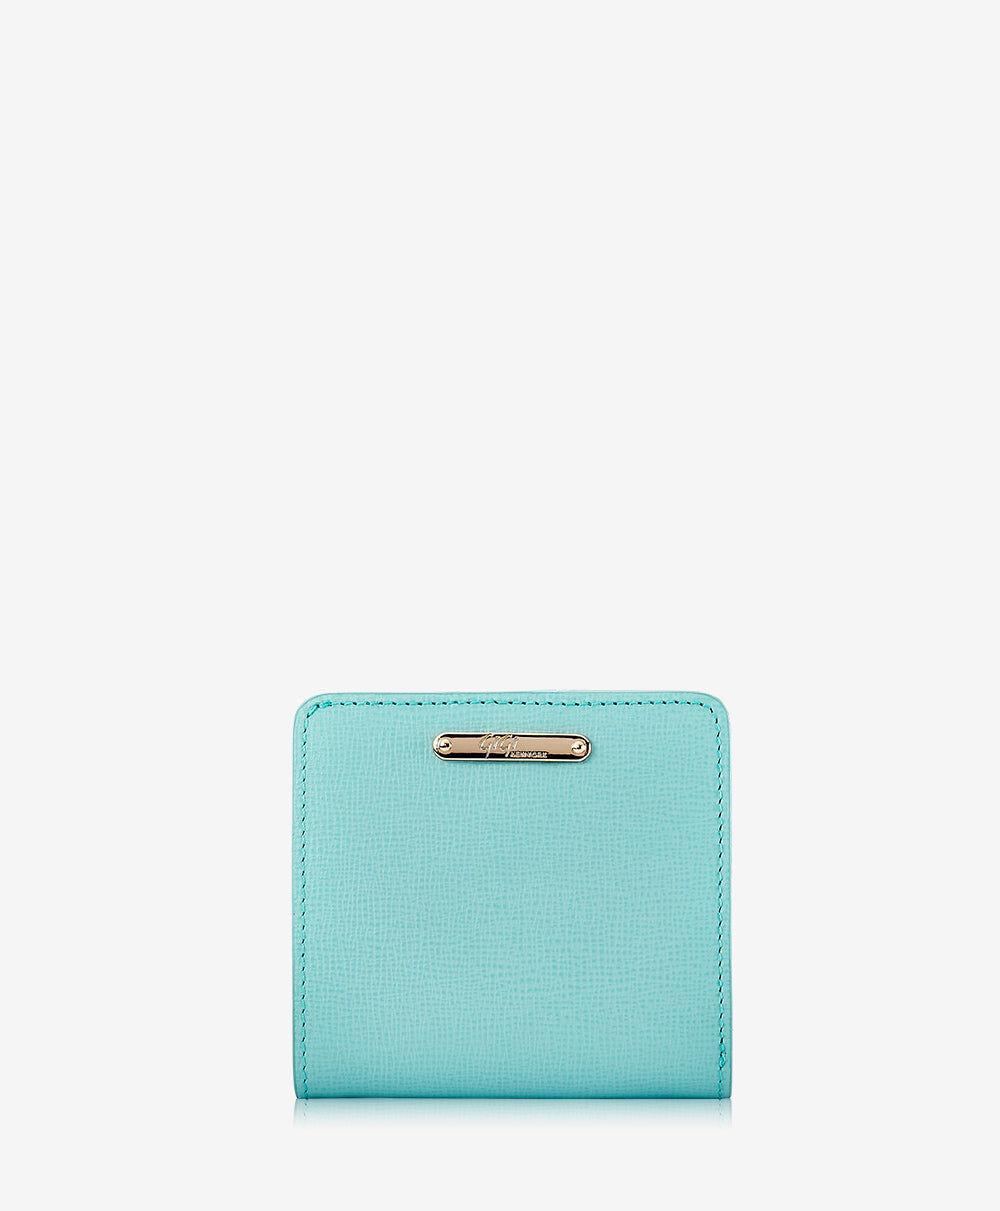 GiGi New York Mini Foldover Wallet Robin's Egg Blue Embossed